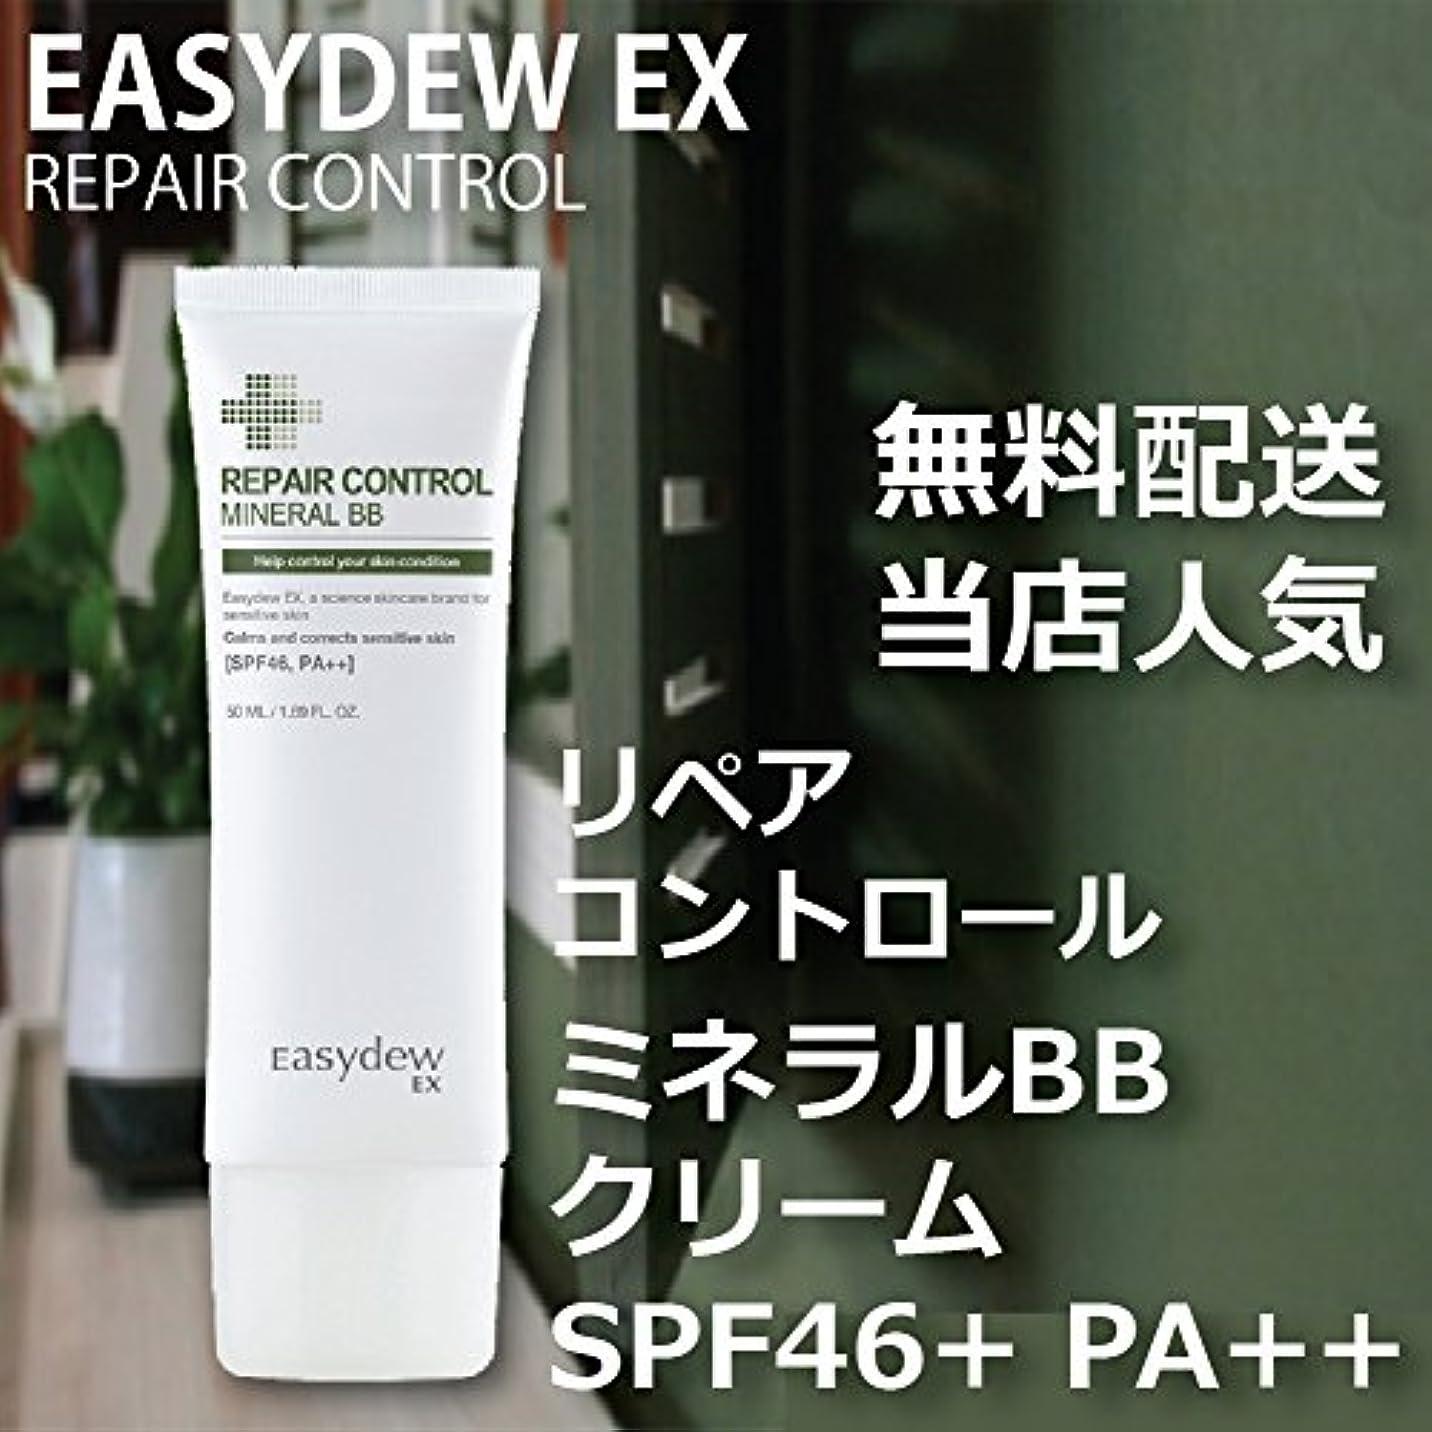 ファントムドナー望ましいEASY DEW EX ミネラル BBクリーム SPF46+ PA++ 50ml MINRAL BB CREAM 韓国 人気 コスメ イージーデュー 敏感 乾燥 美白 しわ 3重機能性